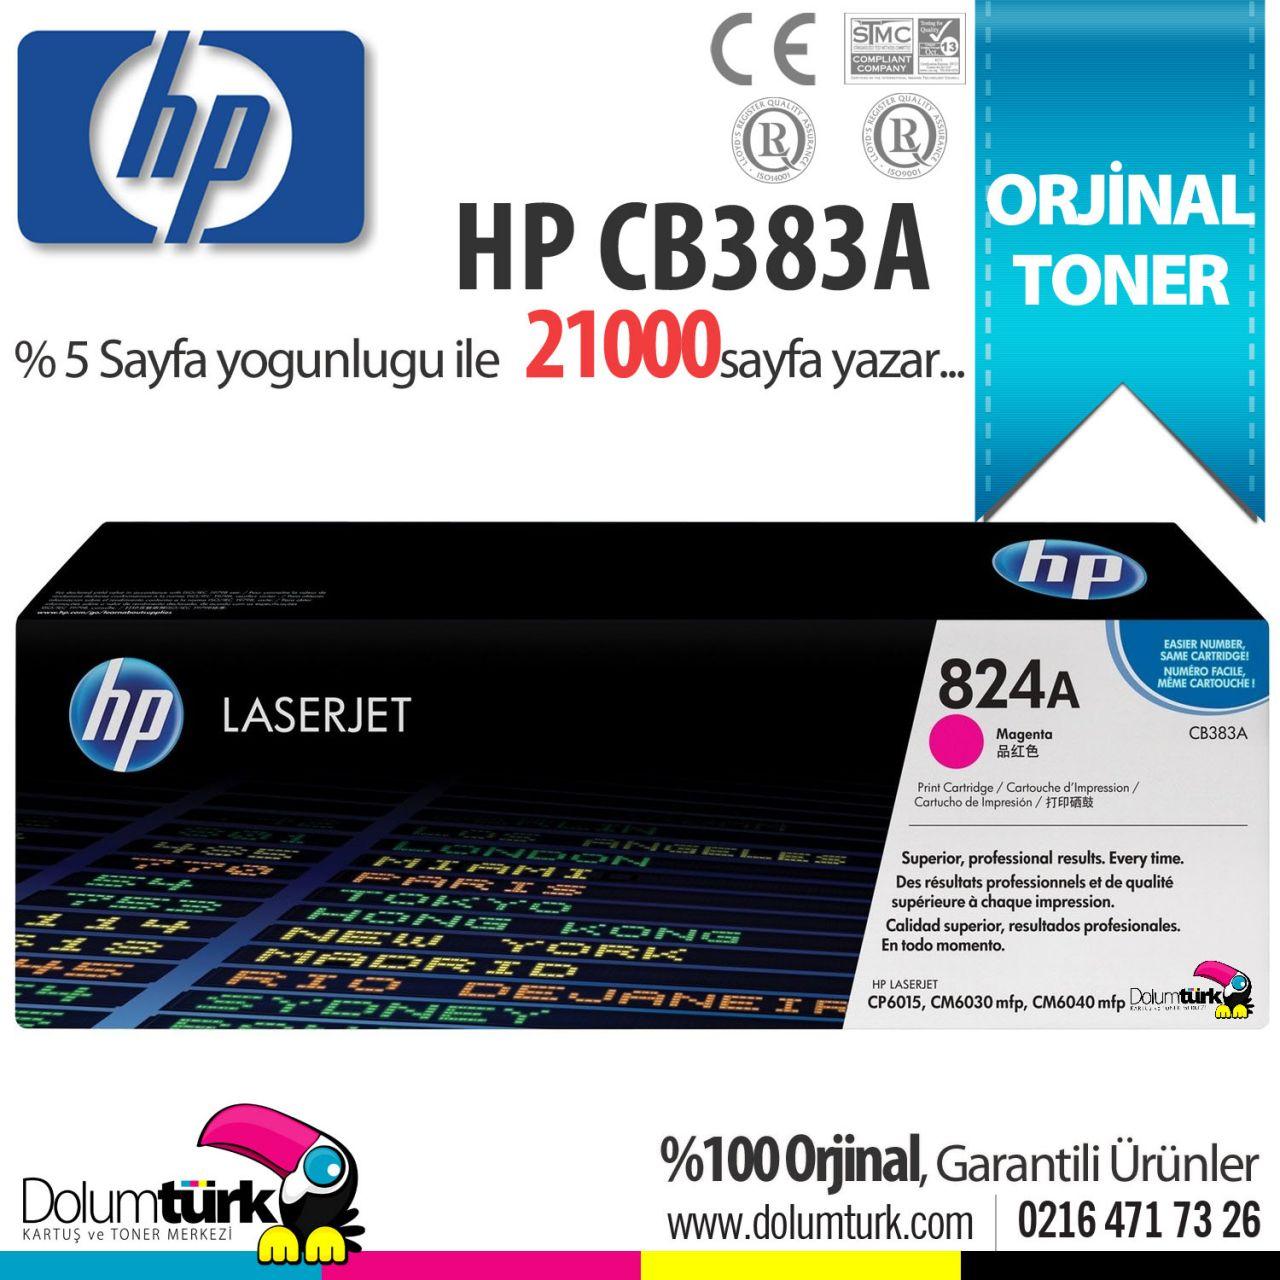 http://www.dolumturk.com/class/INNOVAEditor/assets/2015benimyilim/HP/824A/HP-824A-CB383A-KIRMIZI-ORJINAL-TONER-DOLUMTURK.jpg